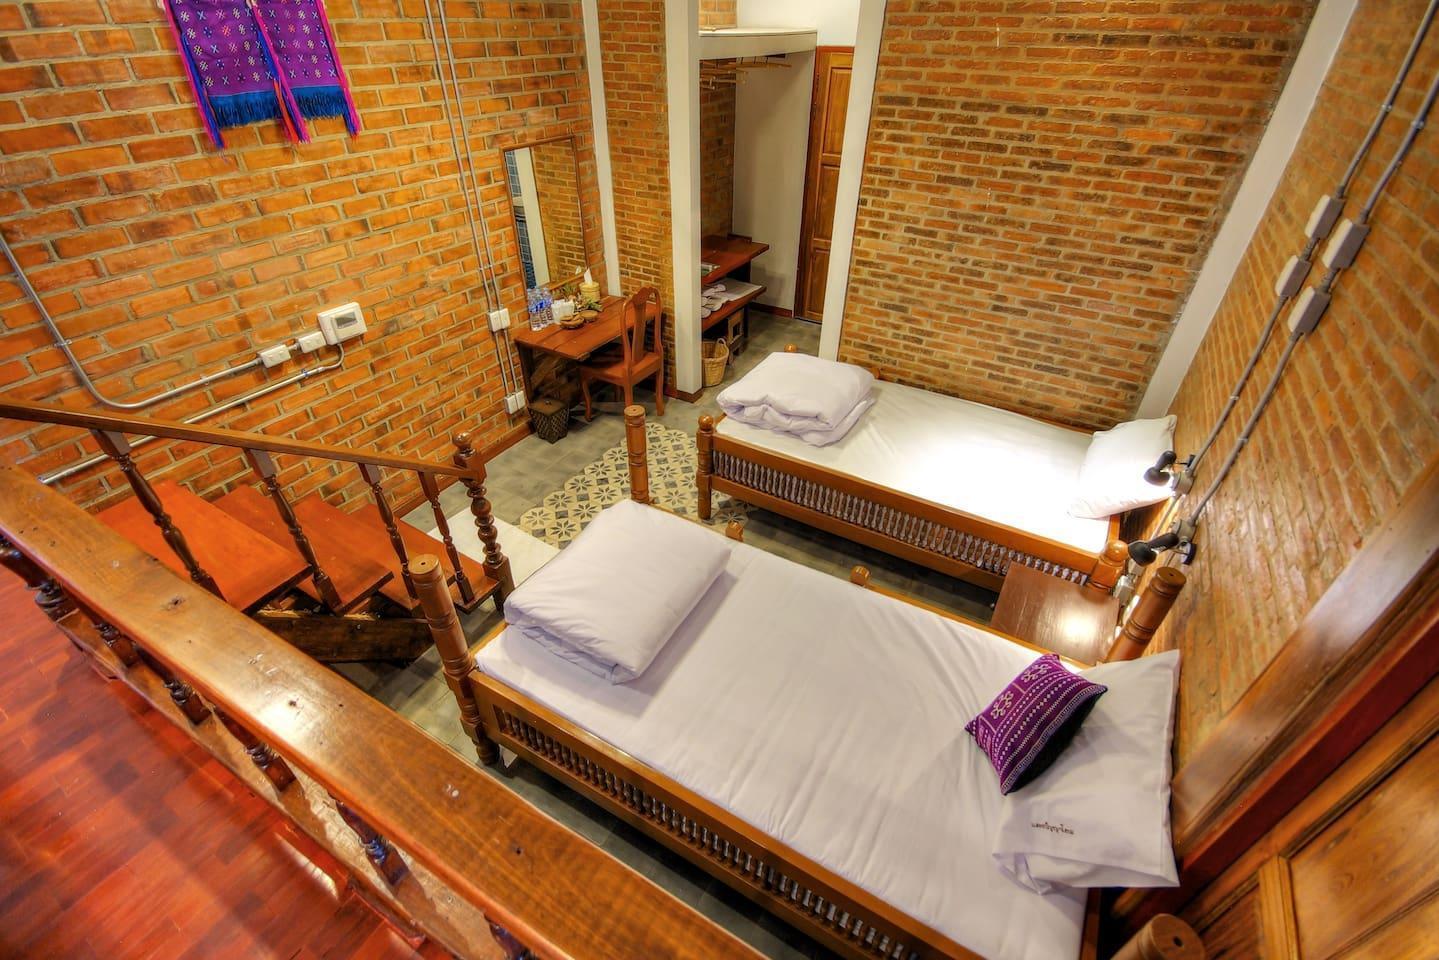 Saeng Panya Studio 1 ห้องนอน 1 ห้องน้ำส่วนตัว ขนาด 30 ตร.ม. – ห้วยแก้ว